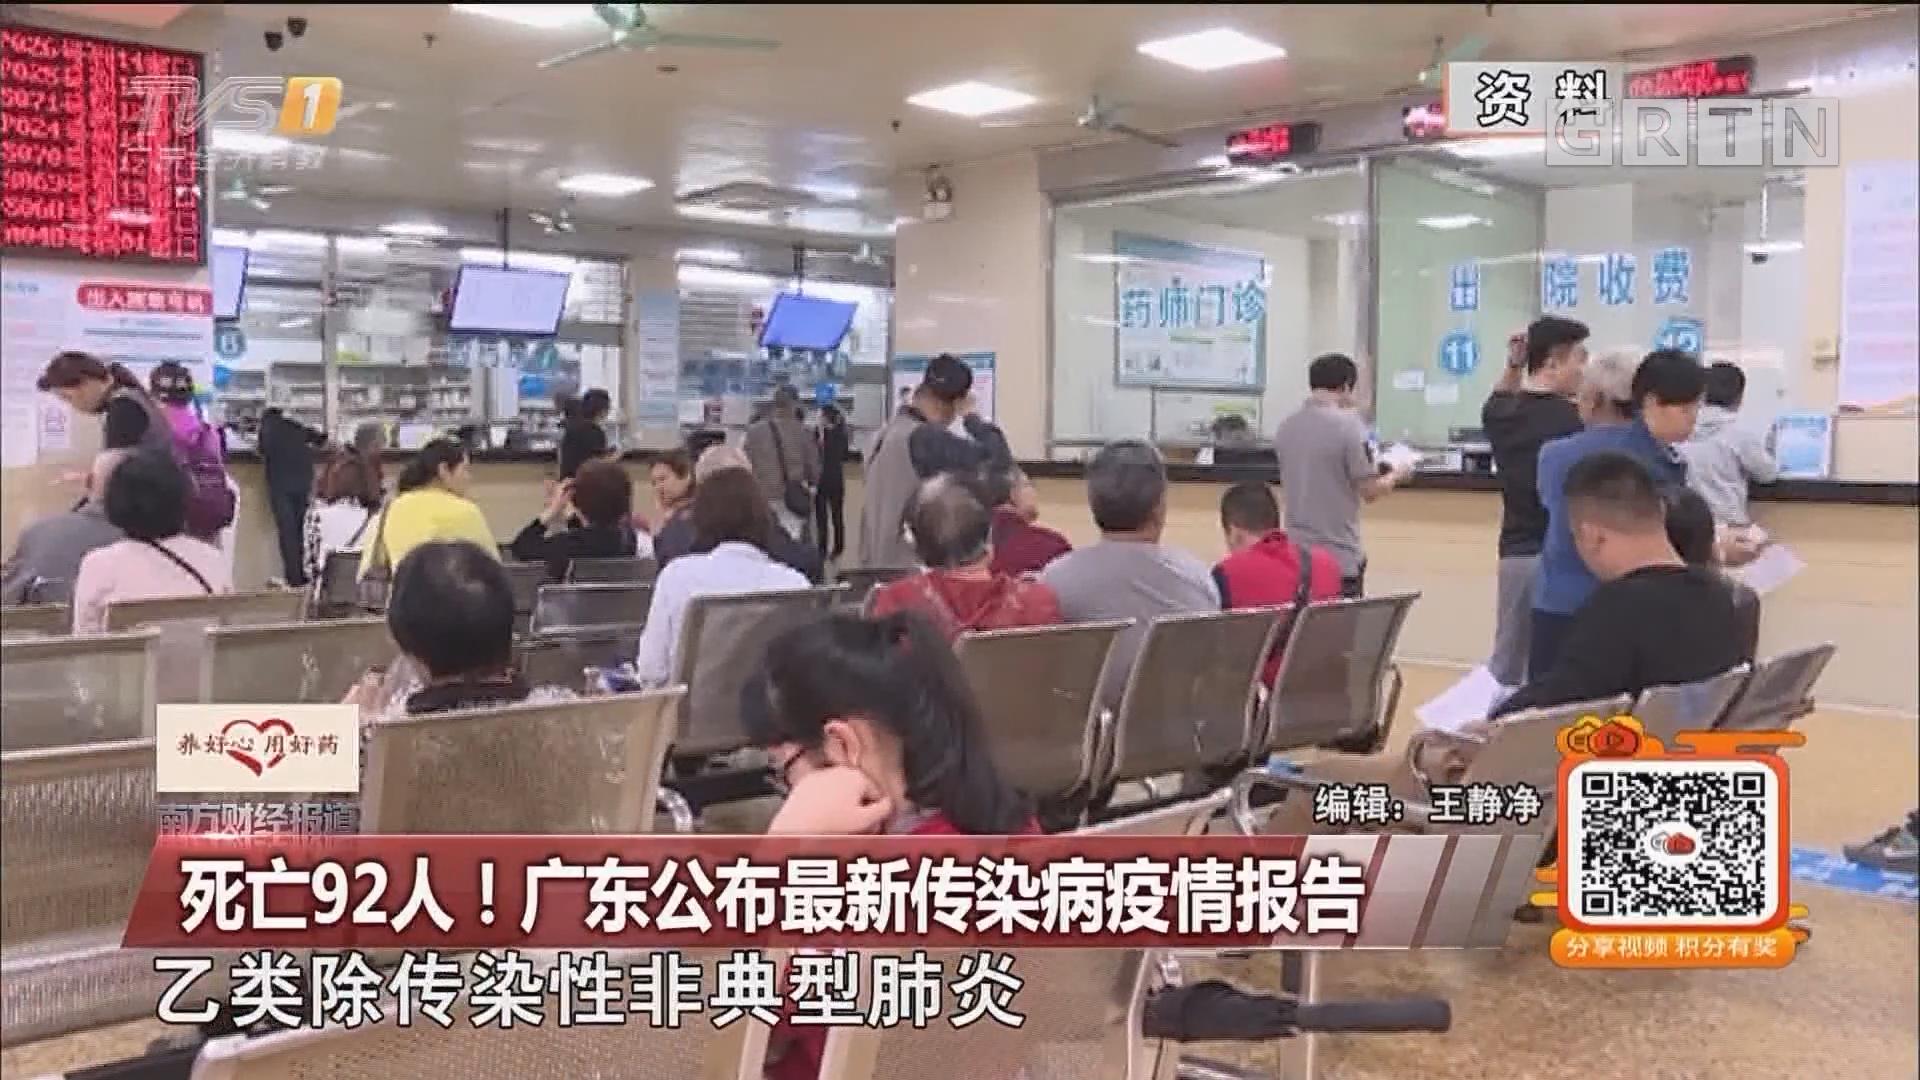 死亡92人!广东公布最新传染病疫情报告